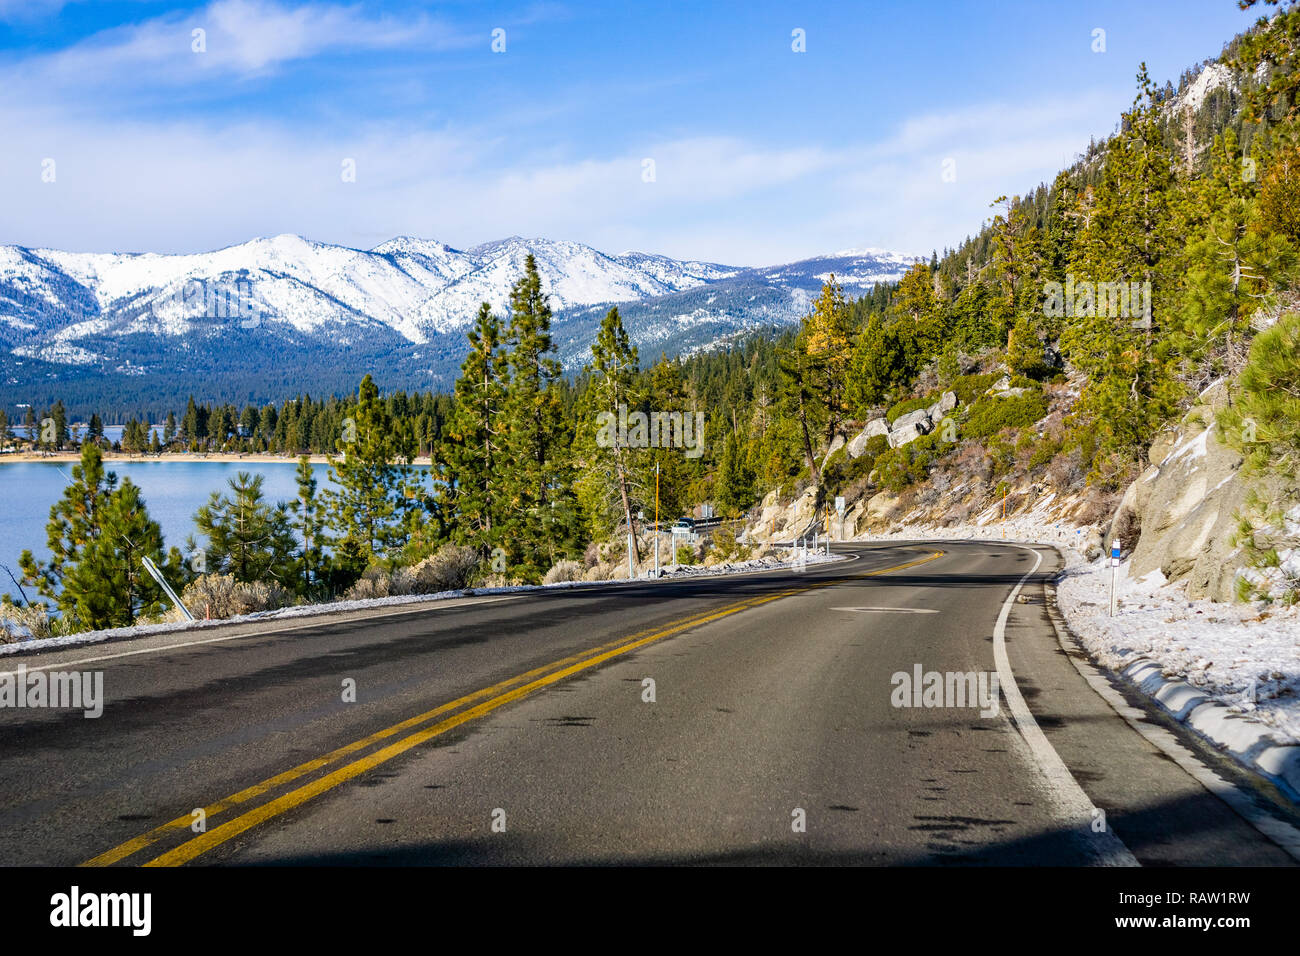 Voyager sur les rives du lac Tahoe sur une journée d'hiver; Sierra montagnes couvertes de neige visible à l'arrière-plan Banque D'Images